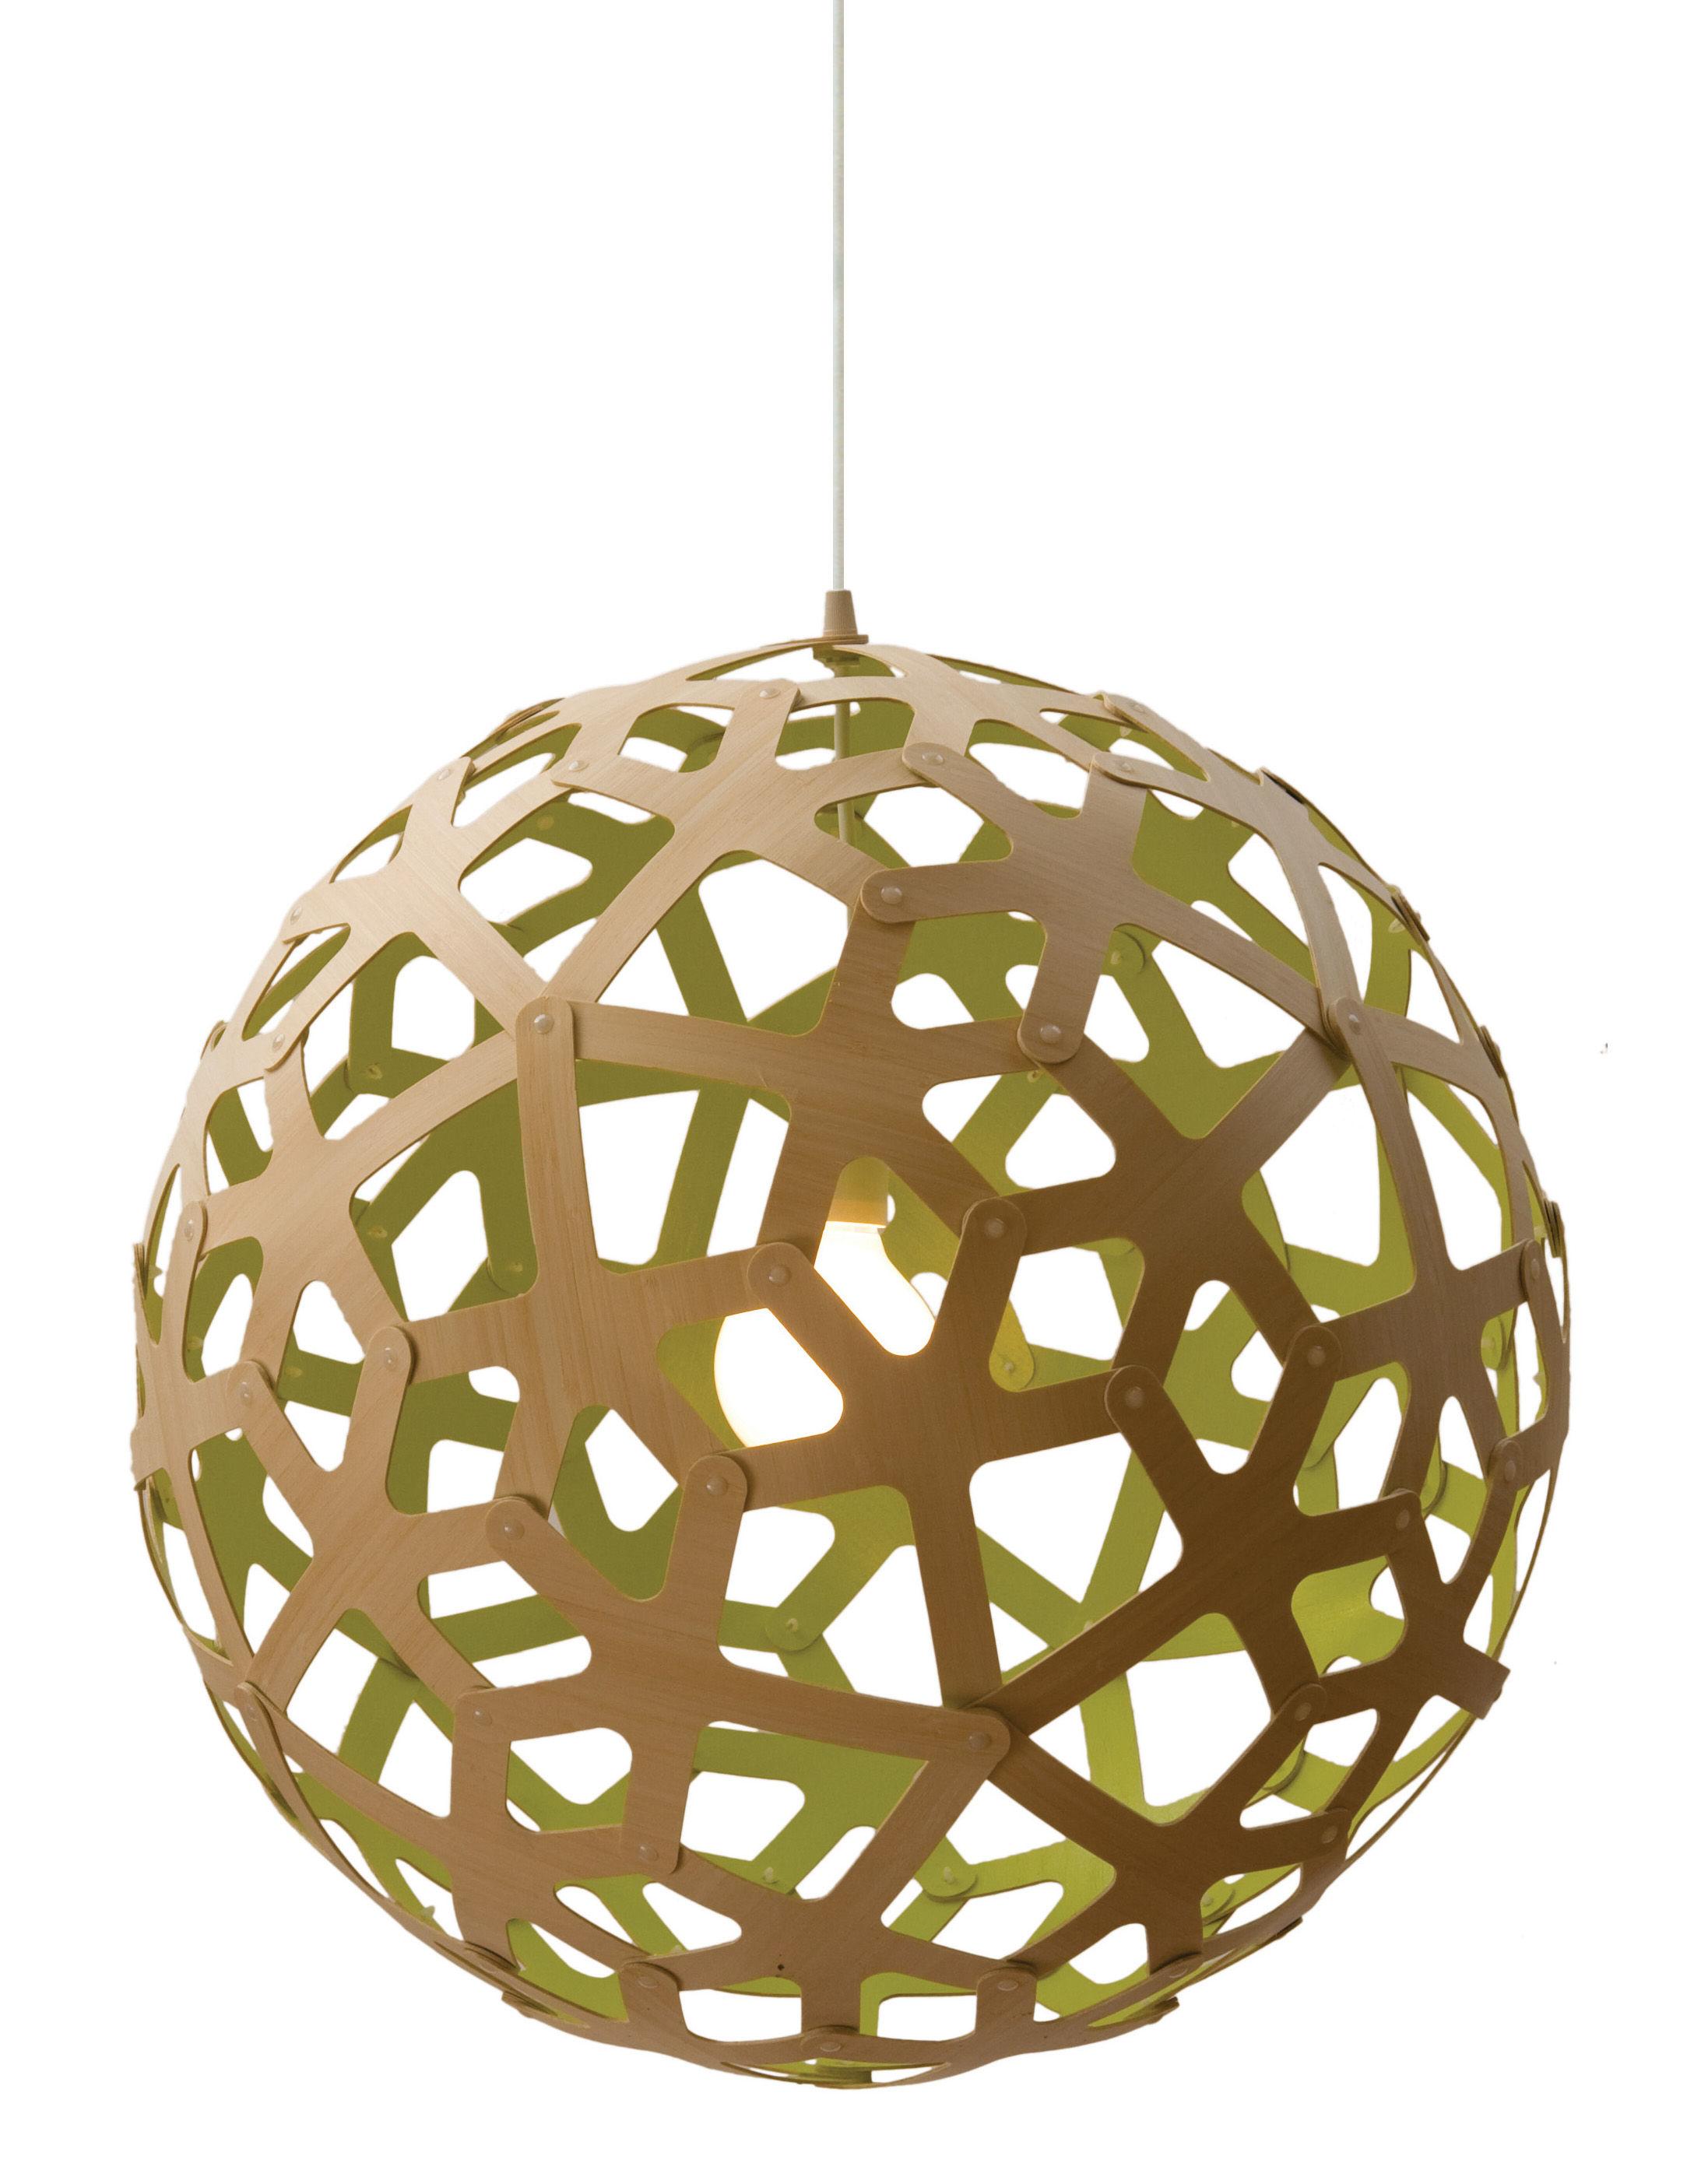 Illuminazione - Lampadari - Sospensione Coral - Ø 40 cm - Bicolore - Esclusiva di David Trubridge - Giallo limone / legno naturale - Pino